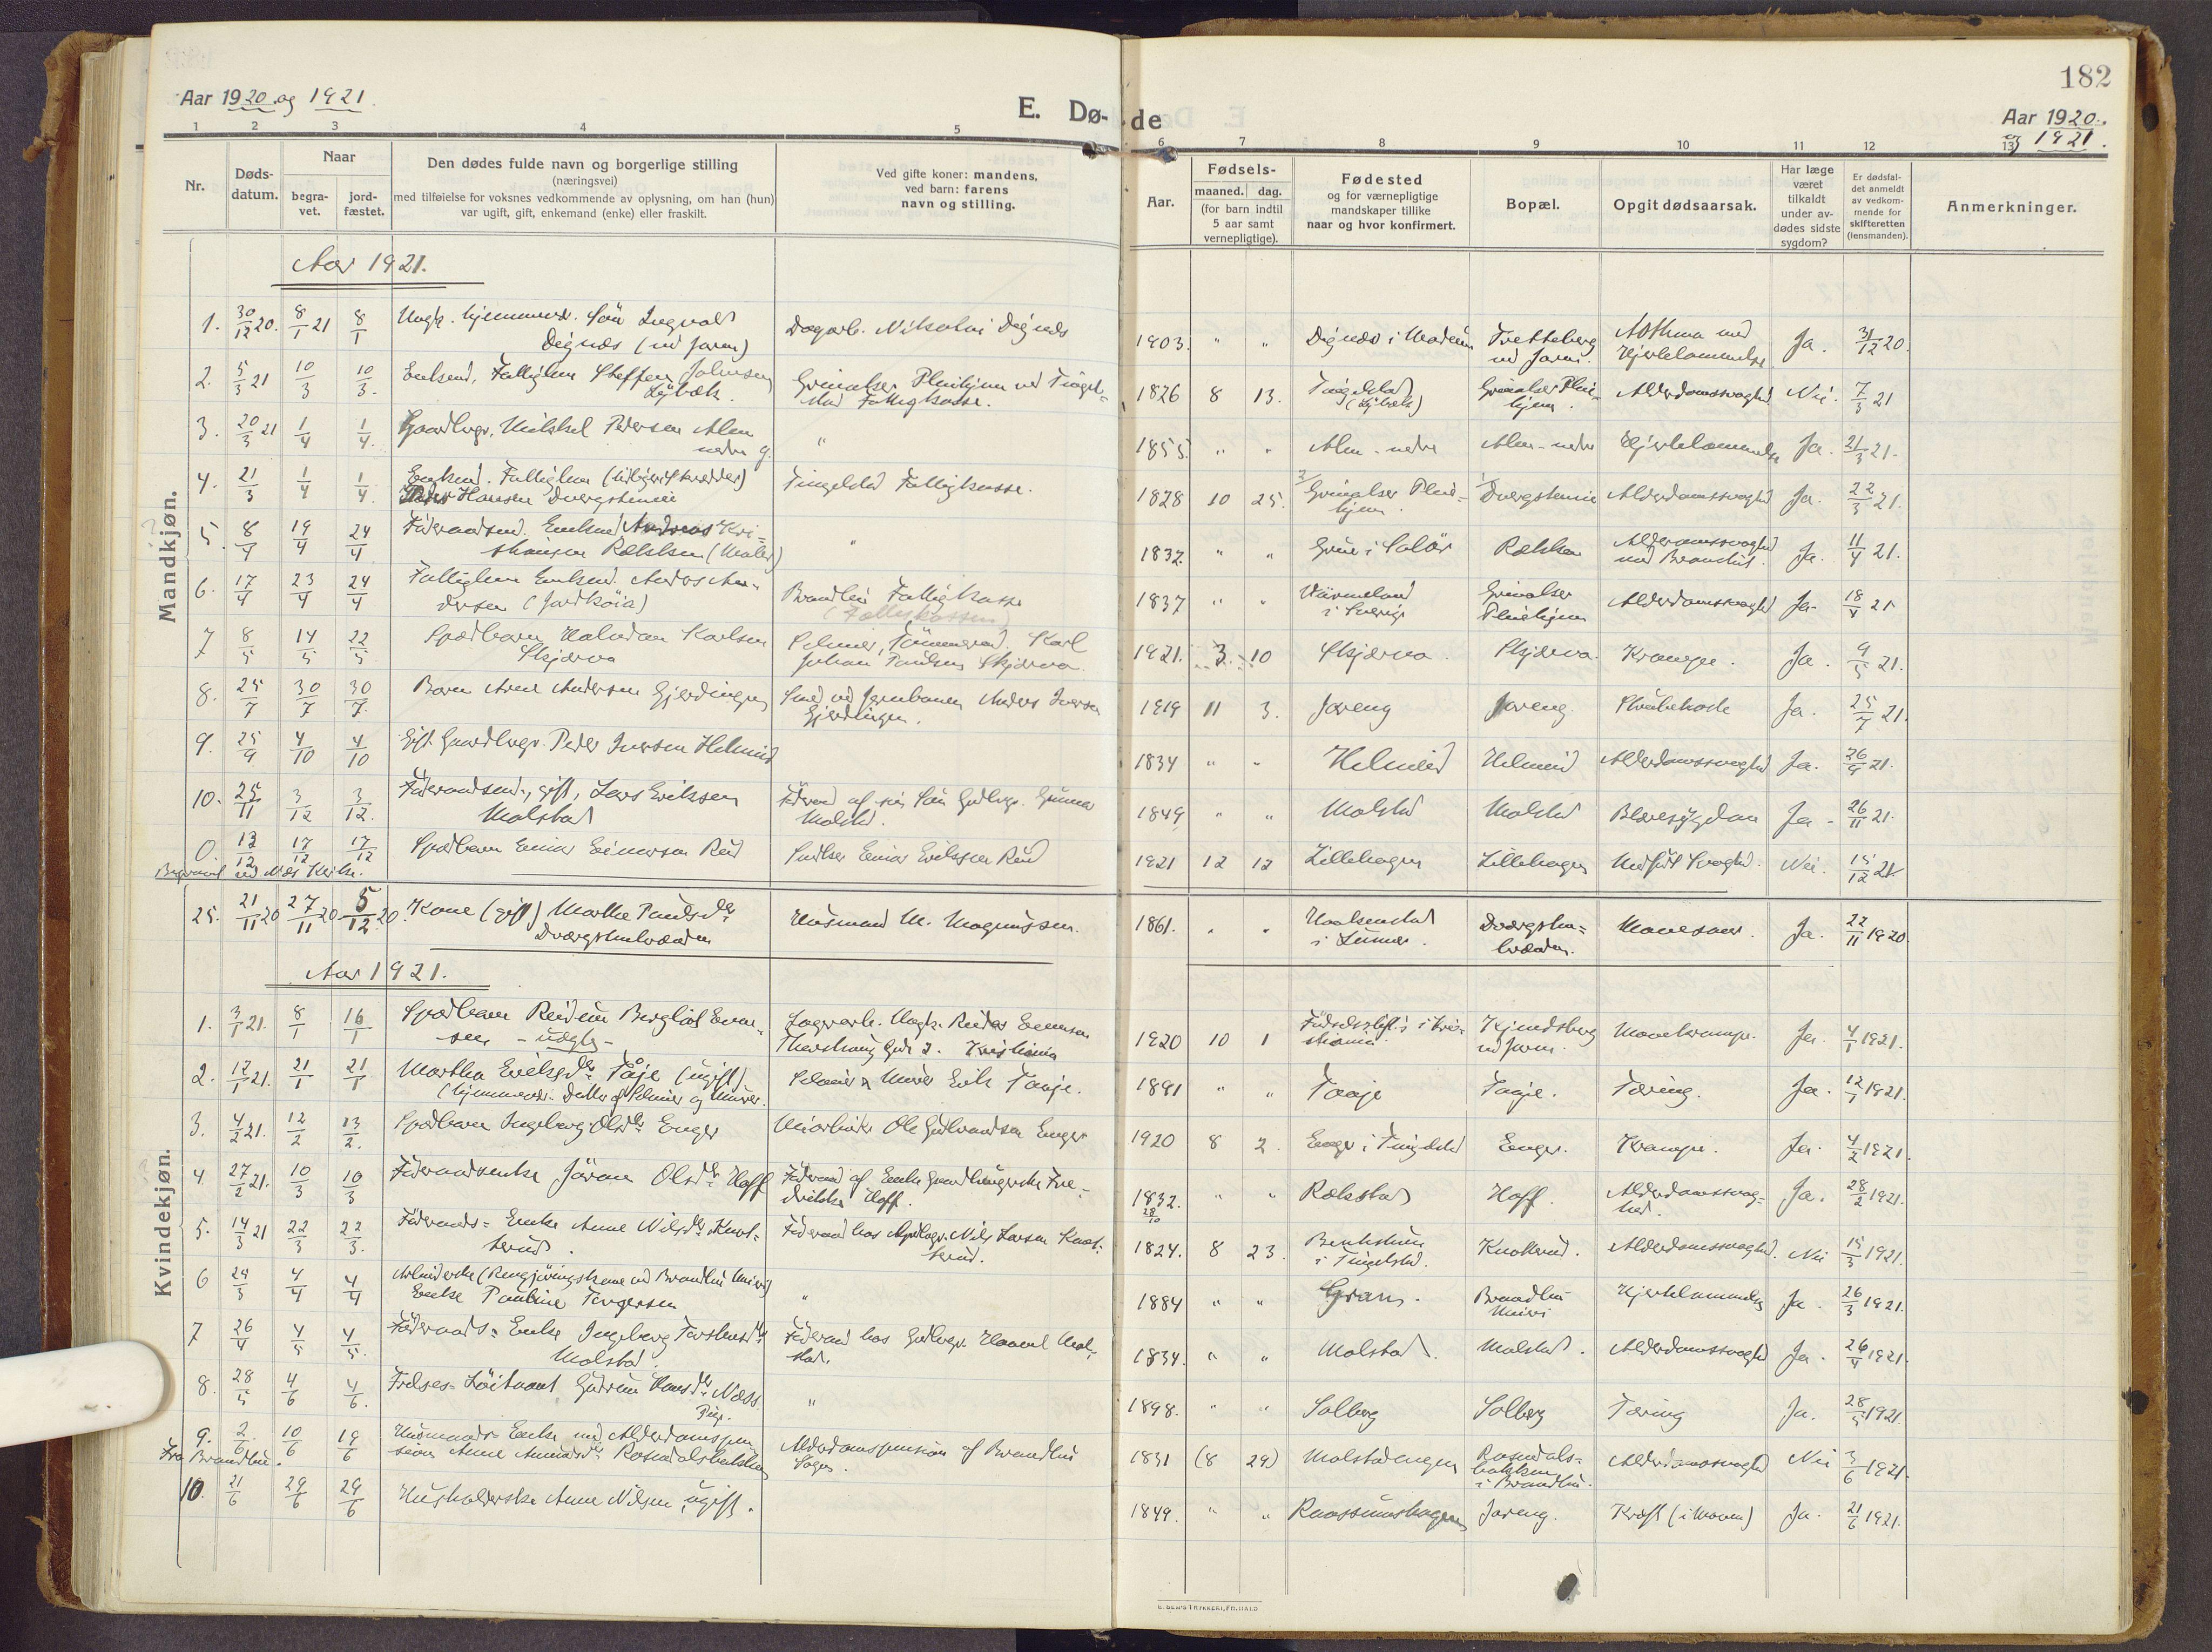 SAH, Brandbu prestekontor, Ministerialbok nr. 3, 1914-1928, s. 182